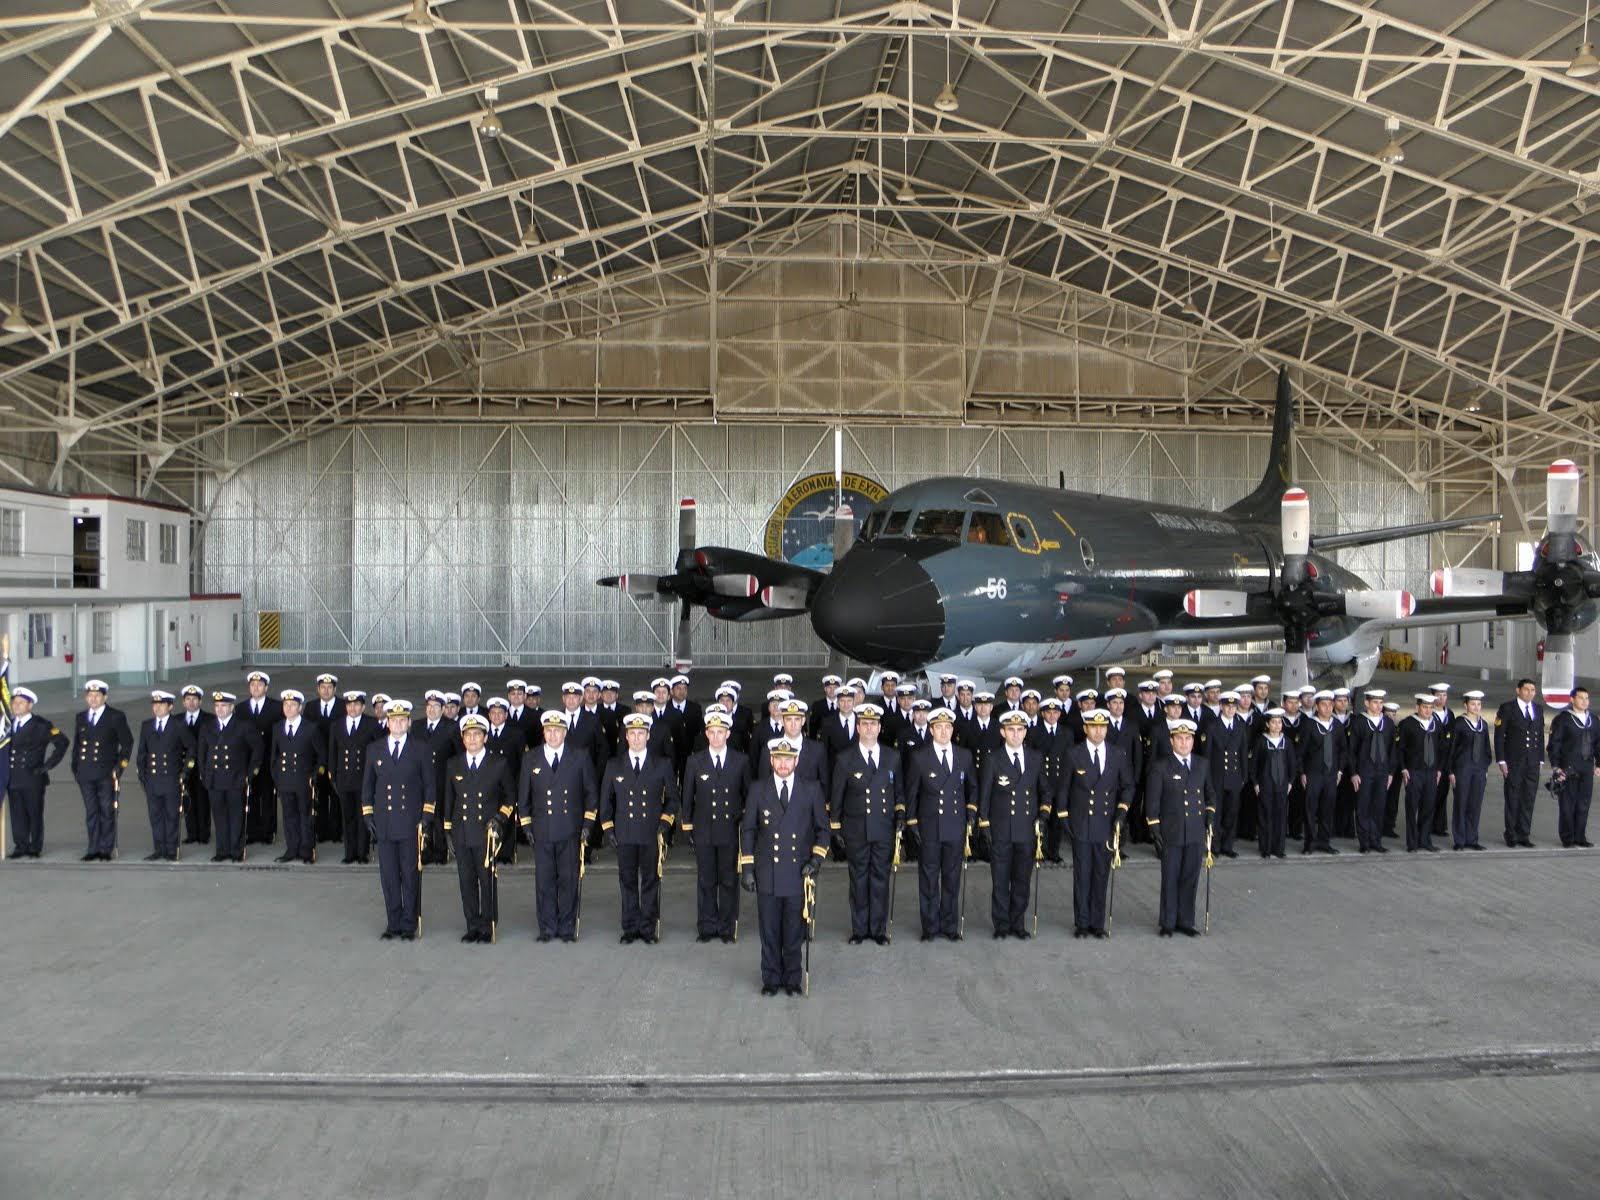 55° Aniversario Escuadrilla Aeronaval de Exploración